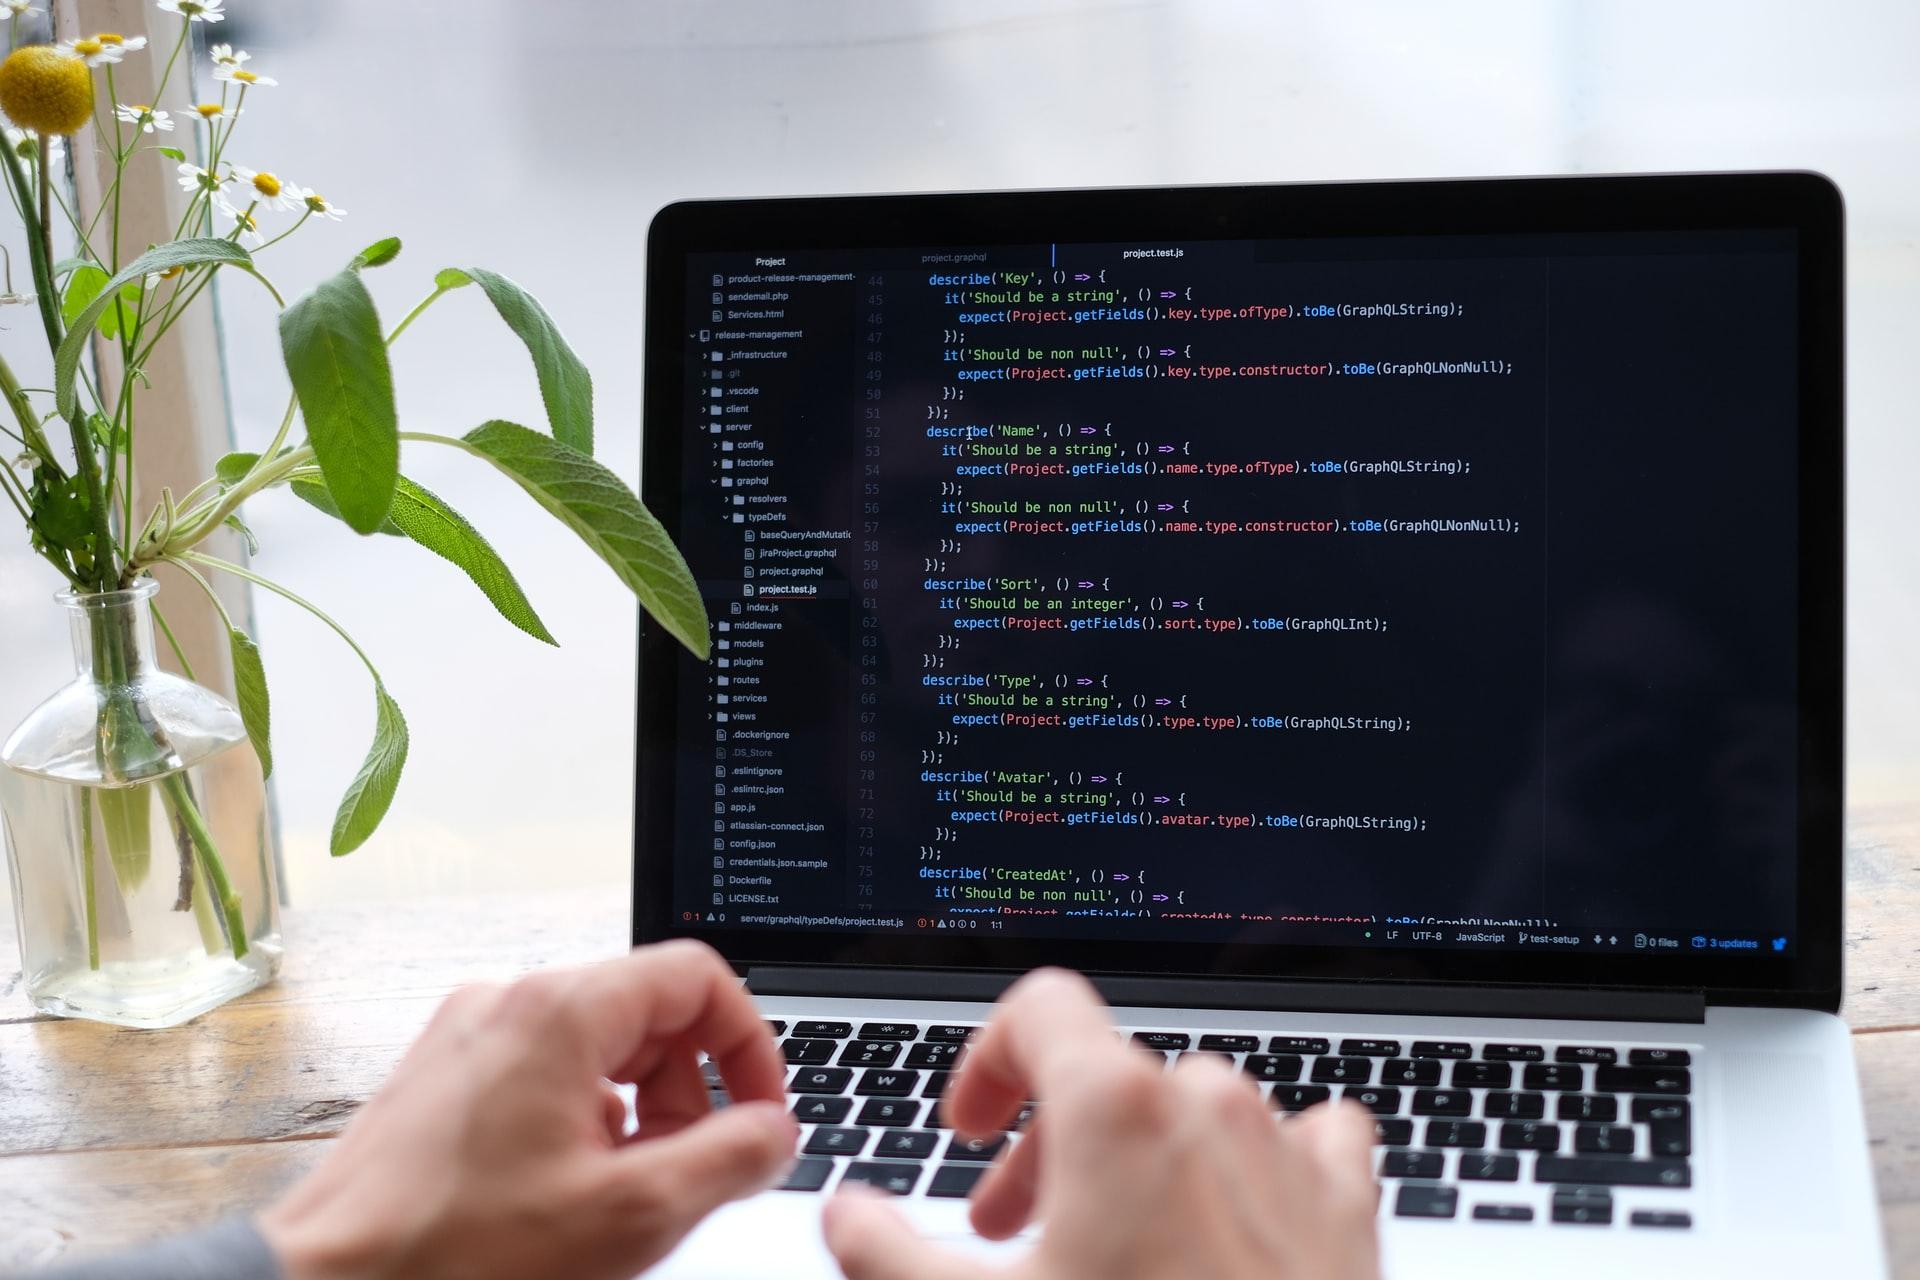 プログラミング作業に勤しむ人